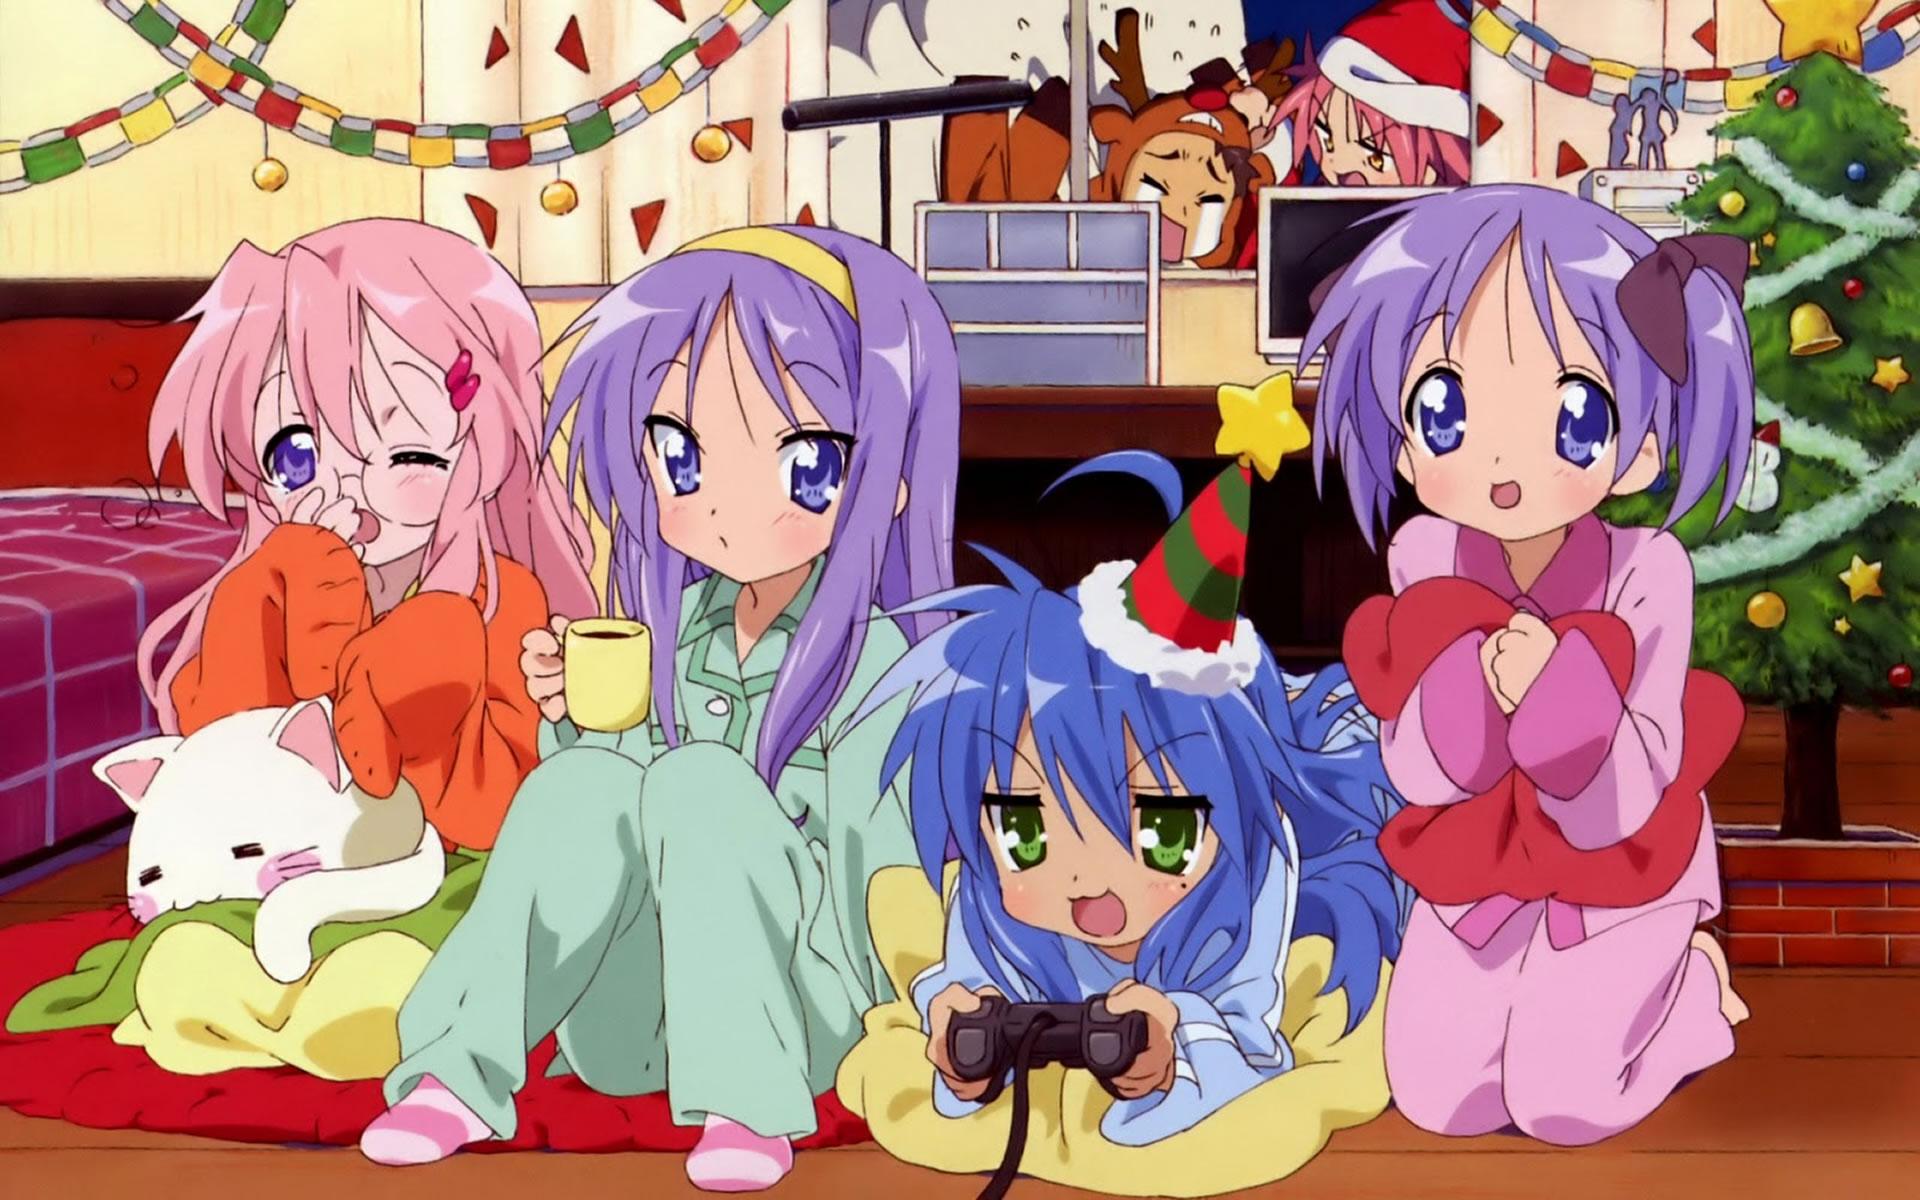 Noche de Reyes Magos Anime